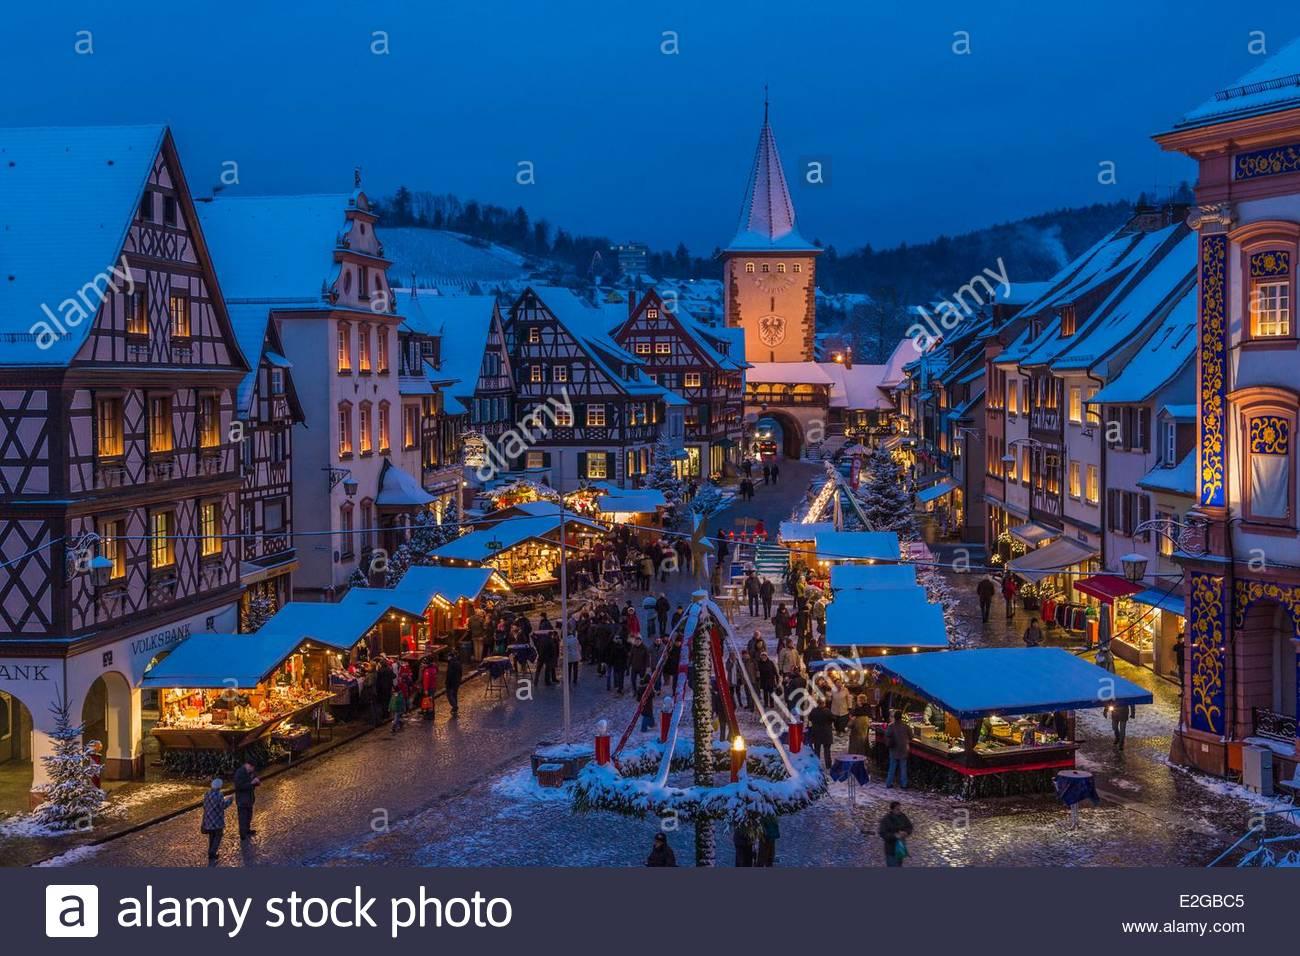 Deutschland Baden Wurrtemberg Schwarzwald Gengenbach Weihnachtsmarkt auf dem Dorfplatz und Adventskalender an der Stockbild